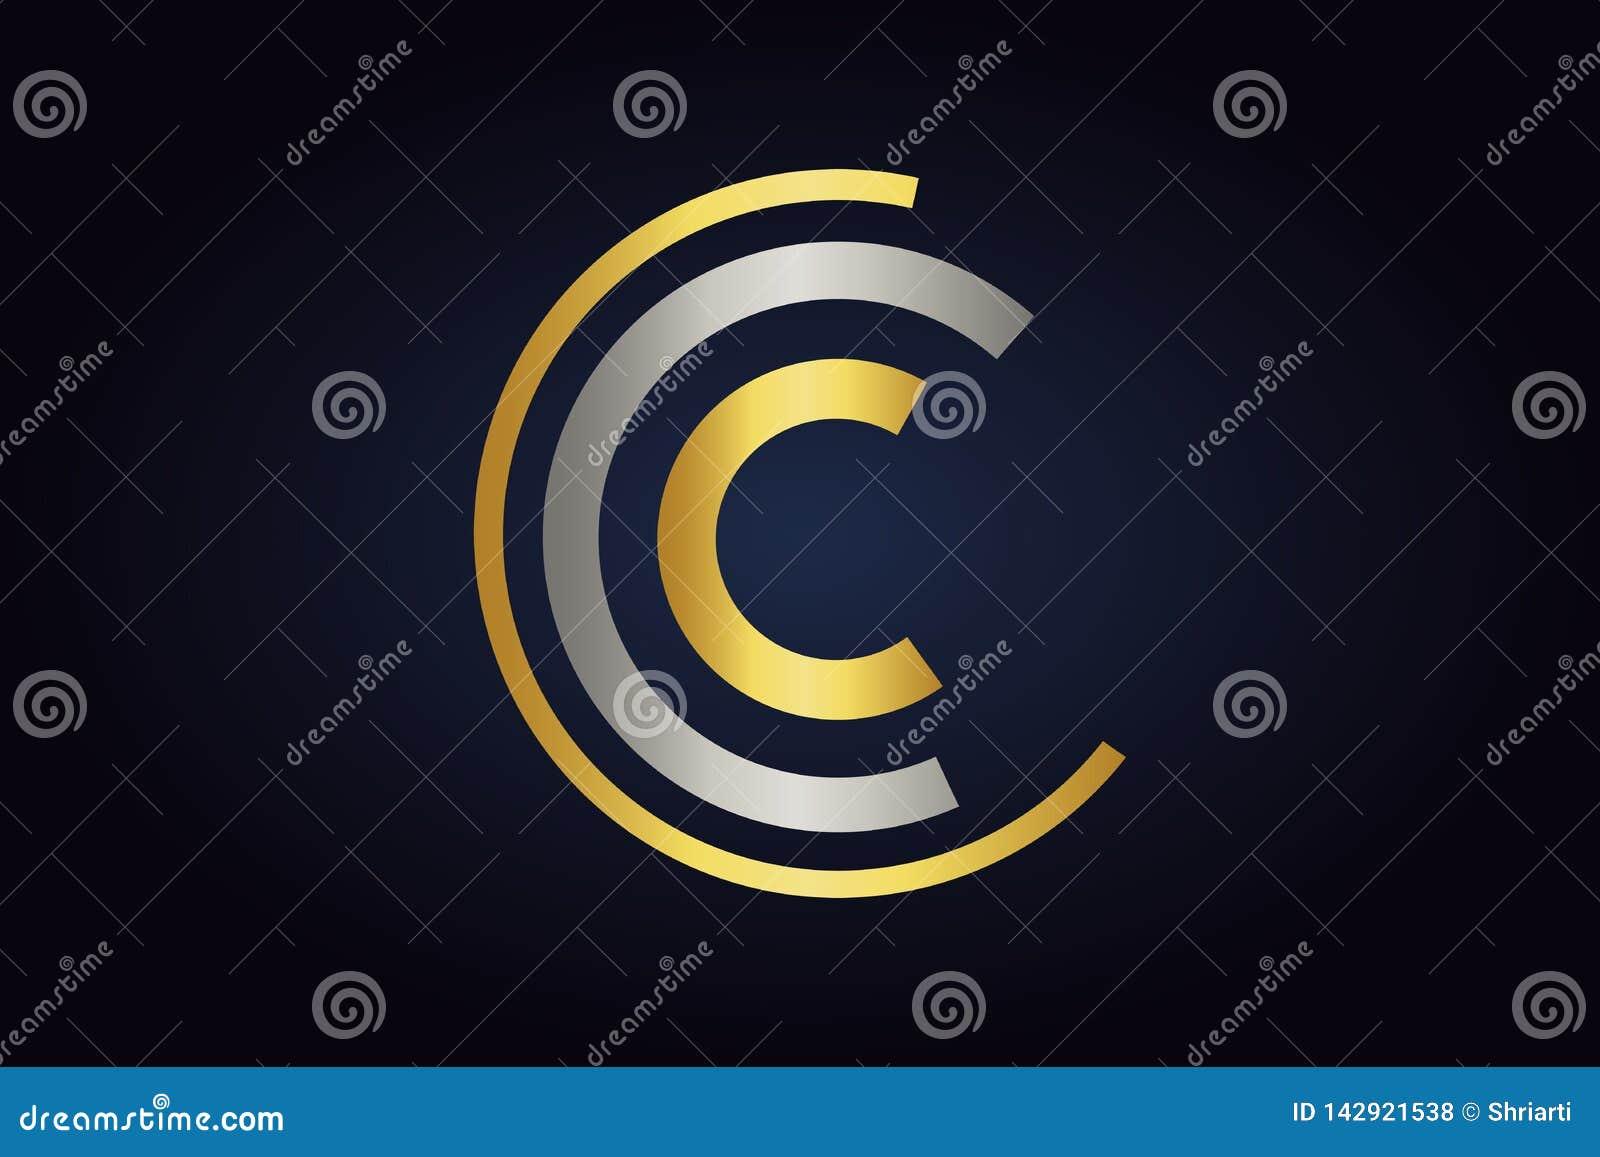 Логотип вектора c 3 писем в цветах серебра и золота изолированный на темной предпосылке